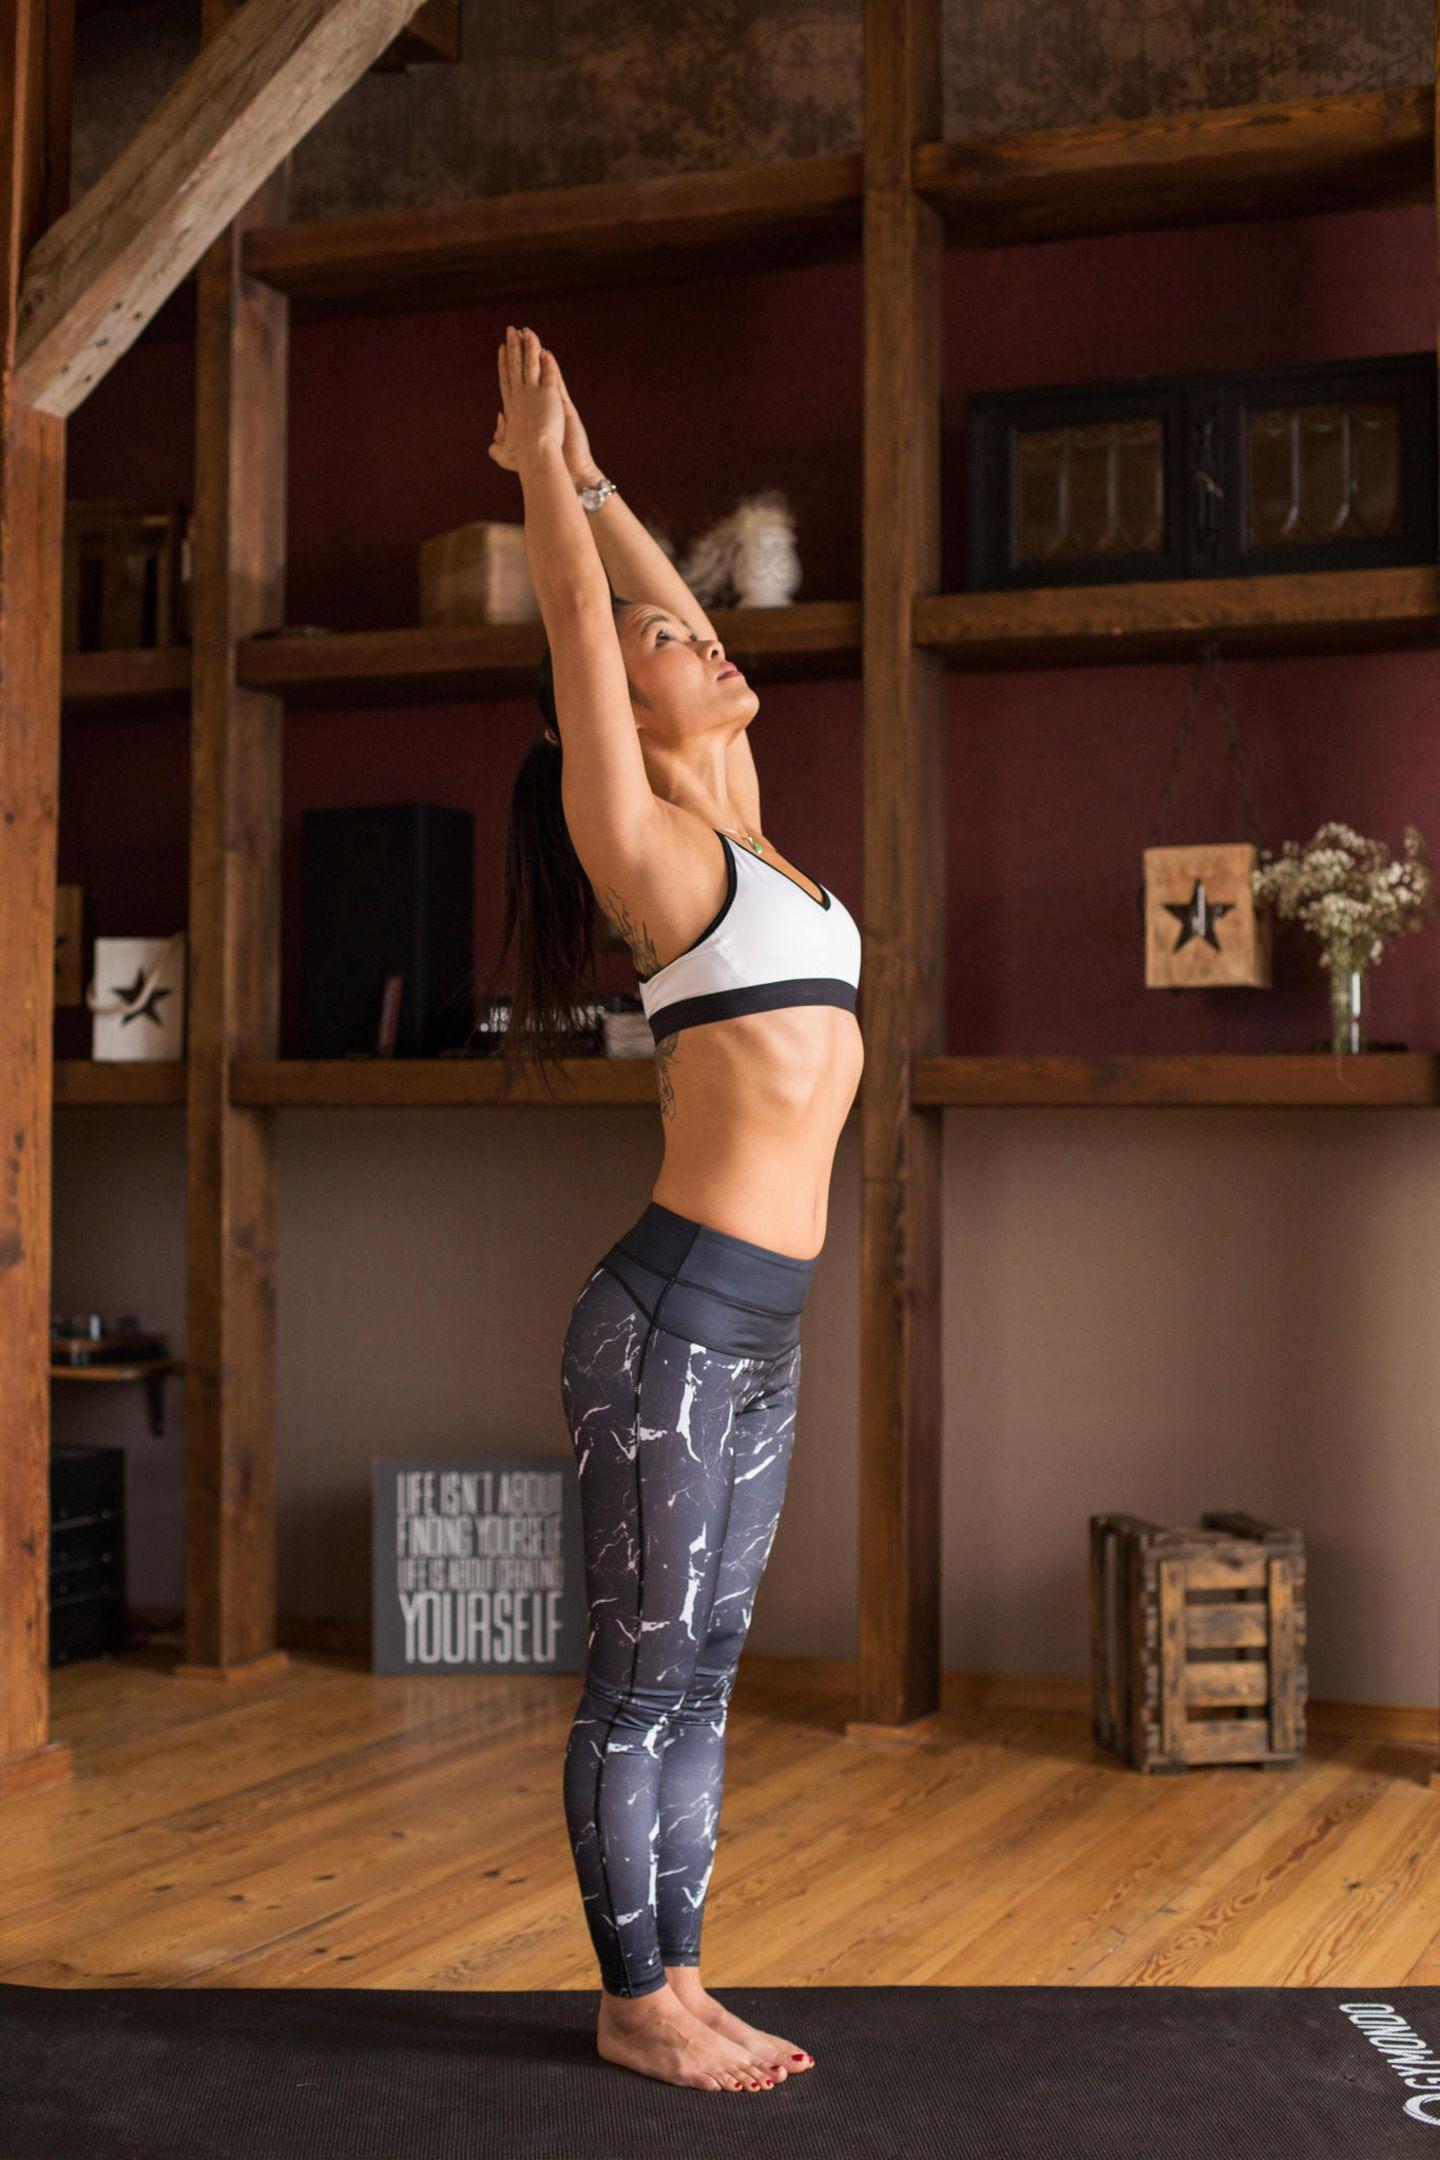 Mit der Einatmung hebst du die Arme und bringst die Handflächen über den Kopf zusammen. Der Blick folgt den Händen. Du kannst die Streckung intensivieren, indem du in eine leichte Rückbeuge gehst. Spanne dabei die Muskulatur von Po und unterem Rücken fest an, um die Lendenwirbelsäule zu schützen. Durch die Streckung dehnst du deine Brustmuskulatur und mobilisierst den Schultergürtel.